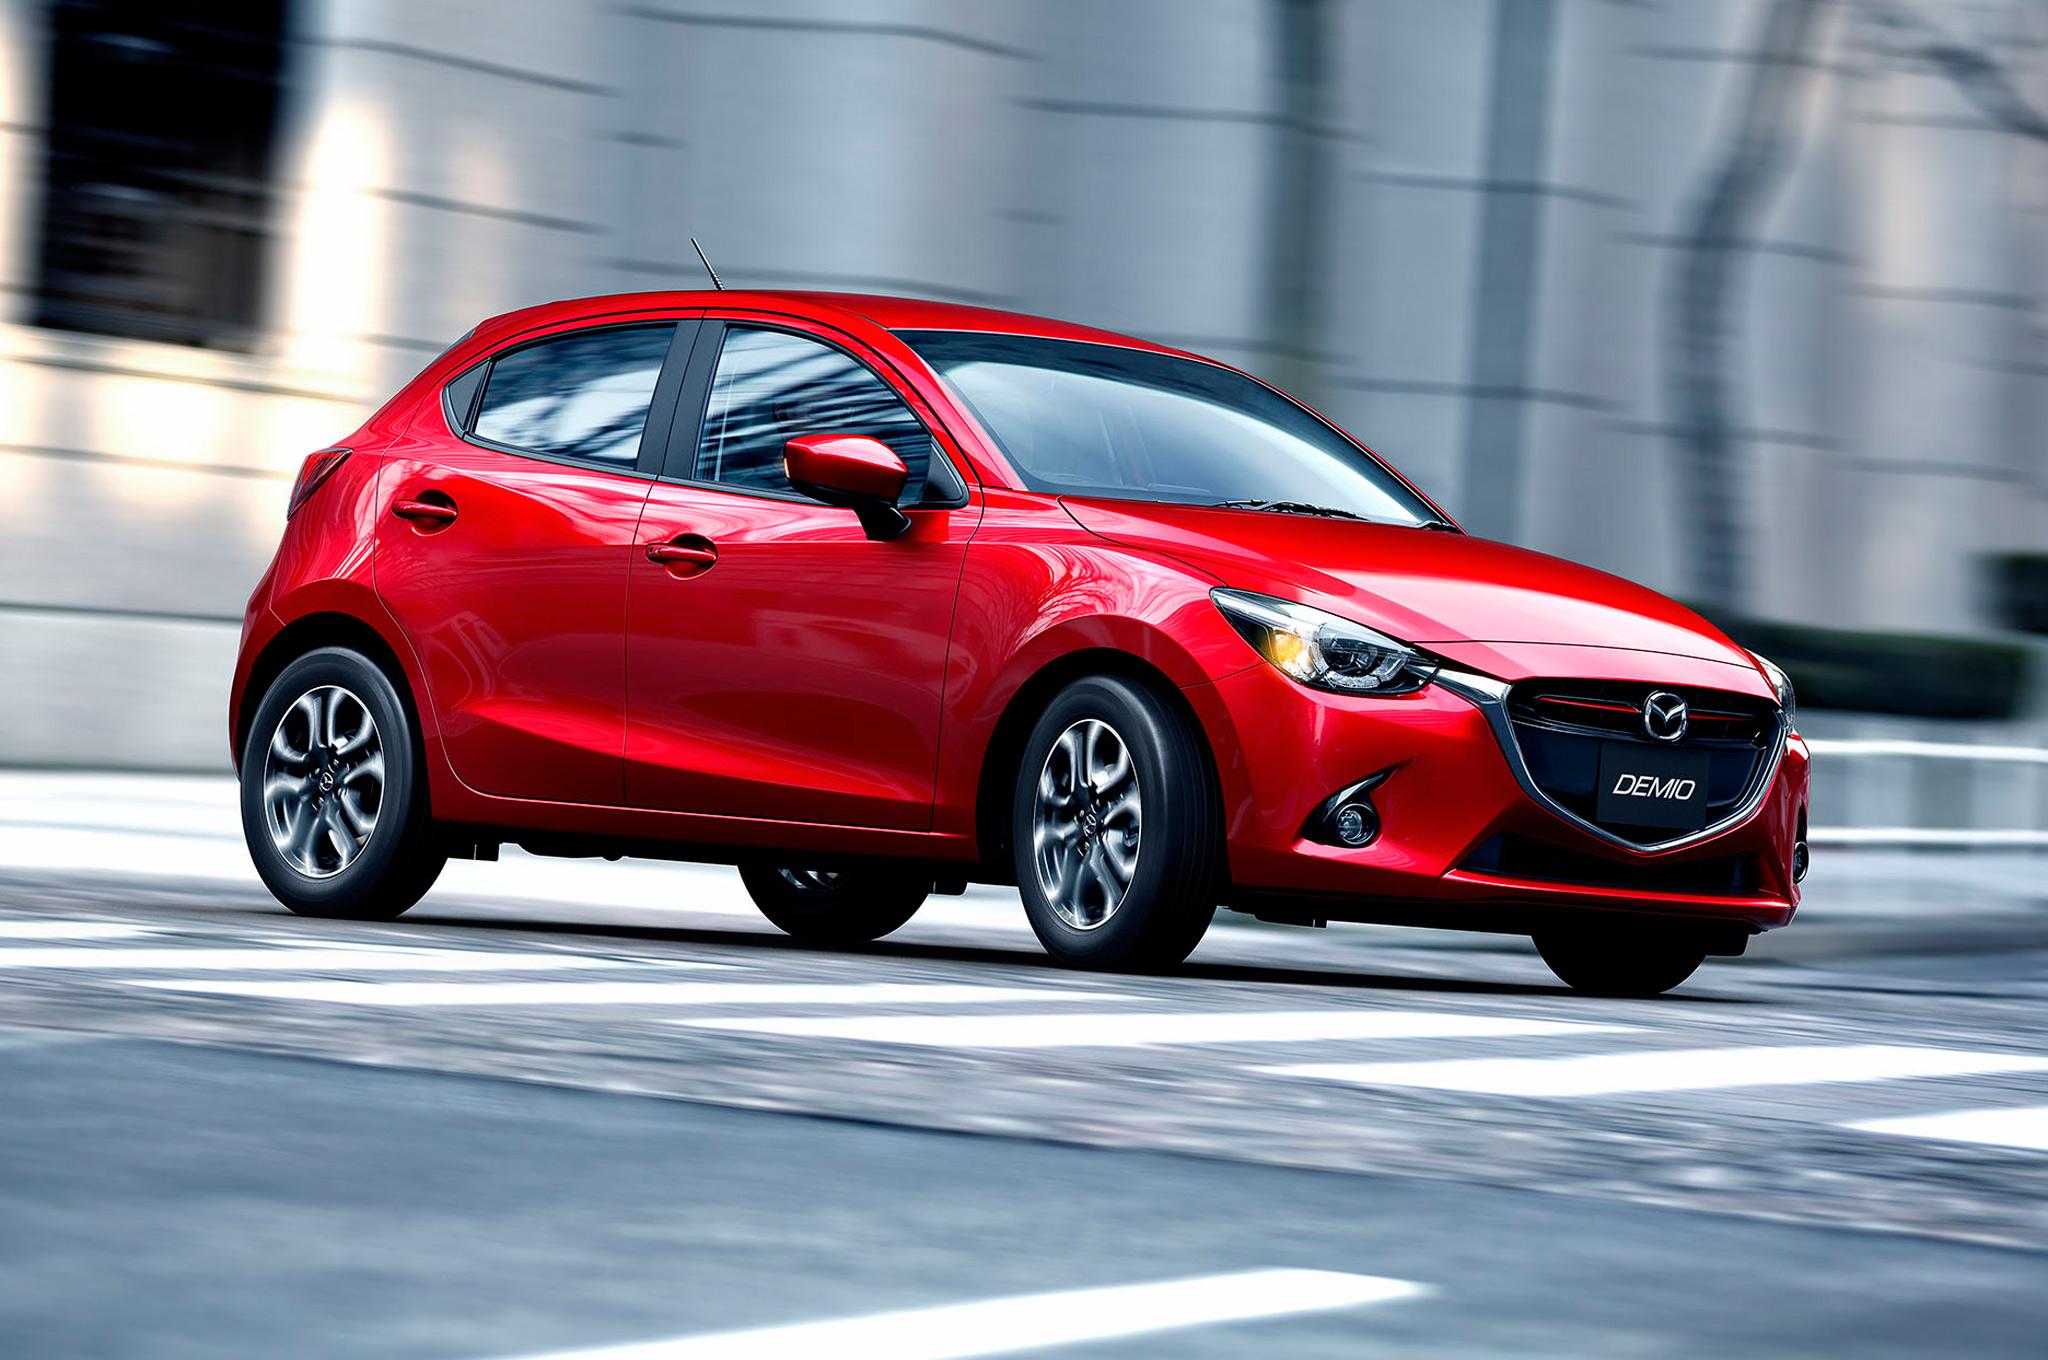 2016 Mazda 2 Preview Japanese Specs